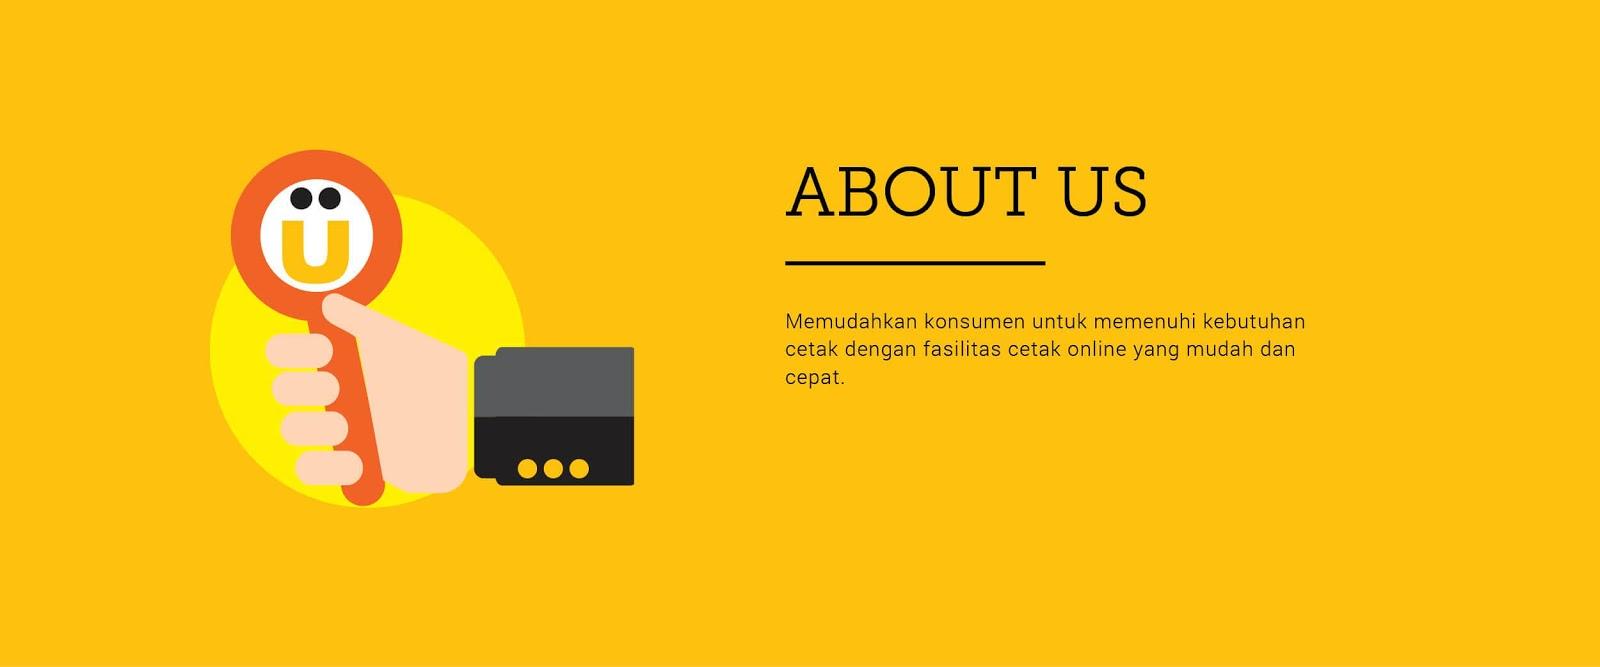 uprint.id, digital printing, percetakan online, percetakan terdekat, print online, percetakan murah, percetakan online terpercaya, percetakan online indonesia, percetakan online di jakarta, layanan print online, jasa print online, percetakan online murah terpercaya dan terbaik di indonesia